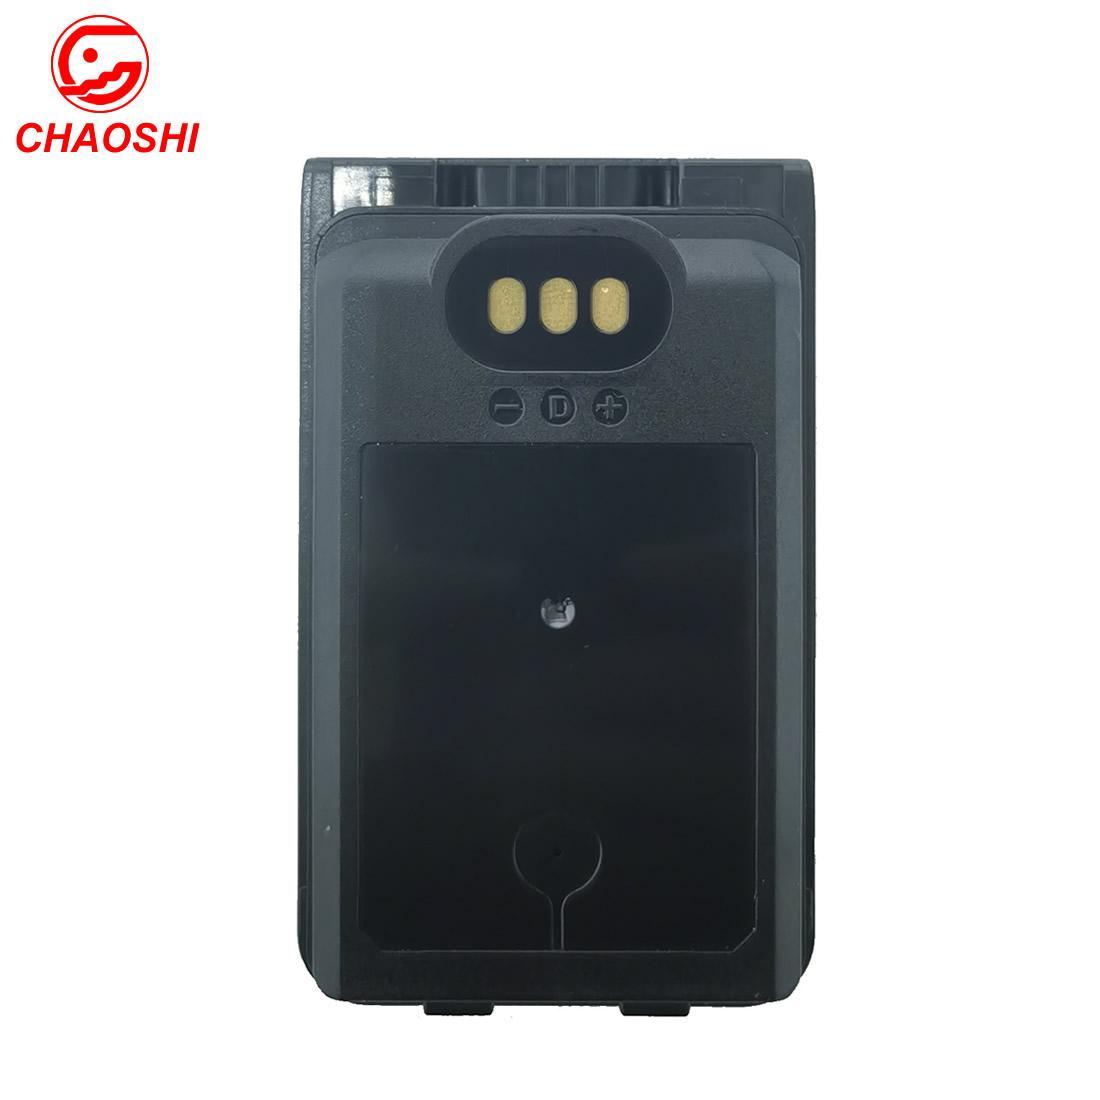 BP294對講機電池 IC-F52D, IC-F62D, IC-M85 1